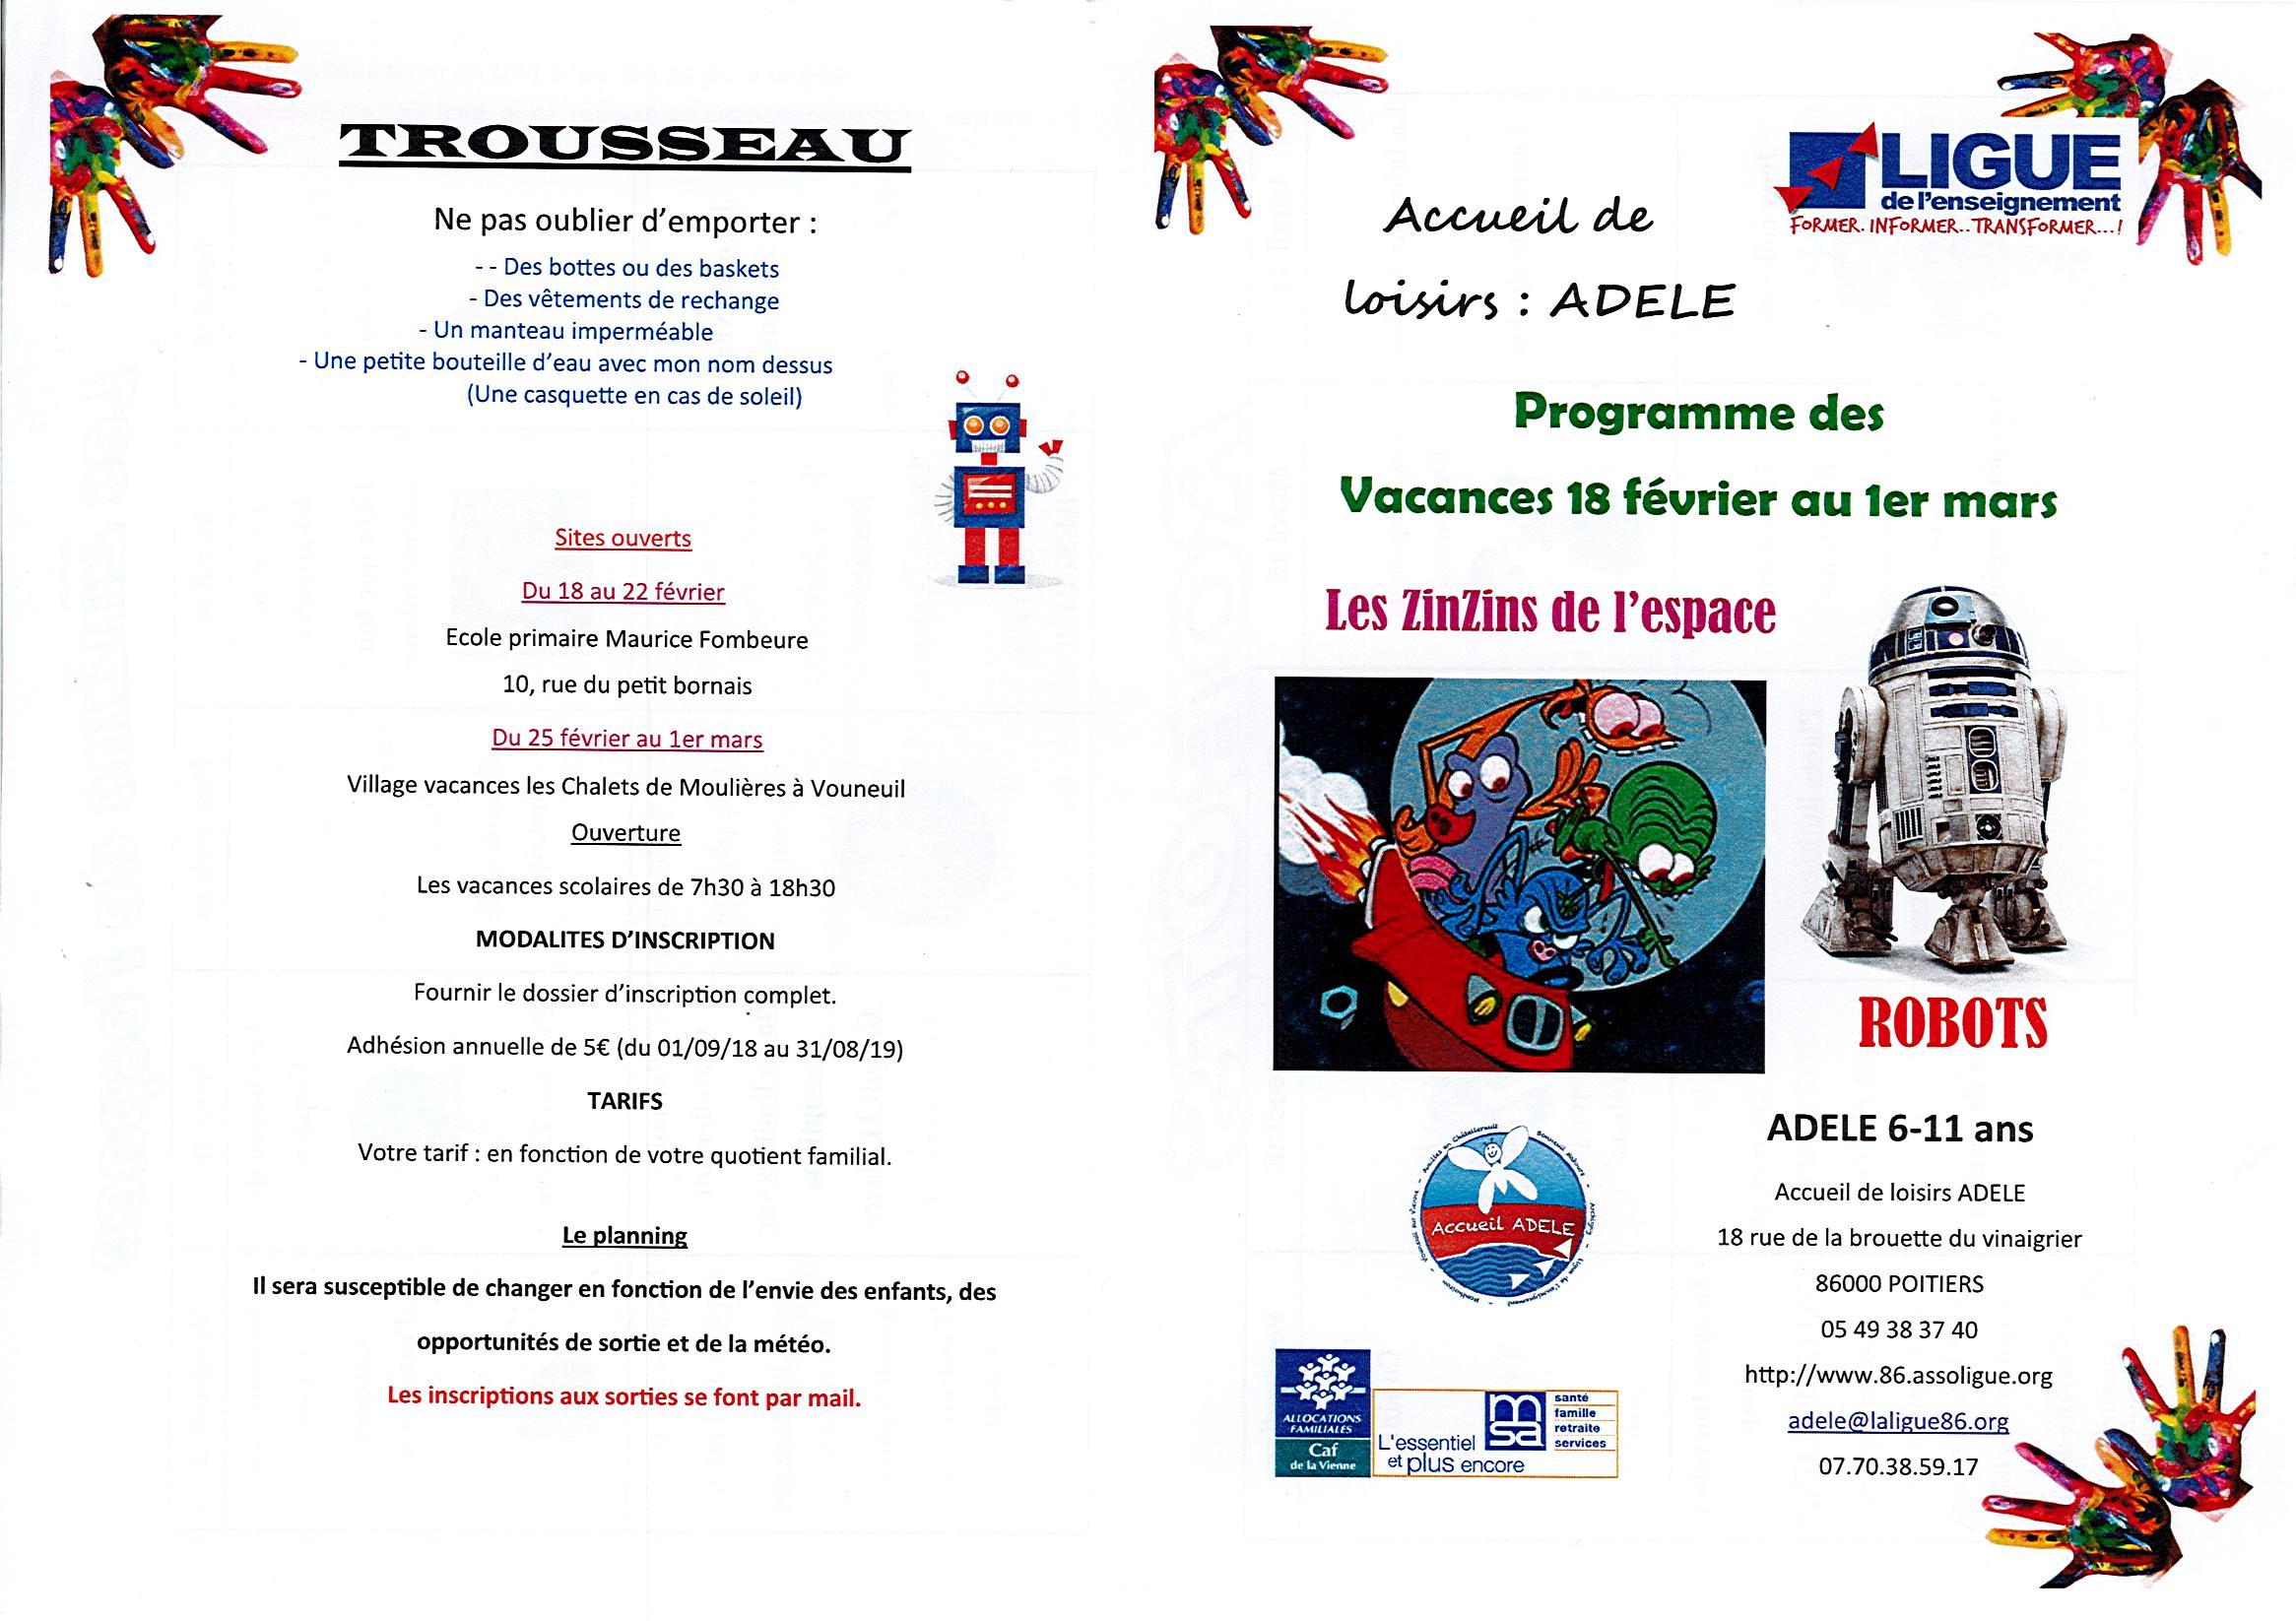 Extraordinaire Activités Manuelles Centre De Loisirs 6 10 Ans site de bonneuil-matours - accueil de loisirs : 6 / 11 ans